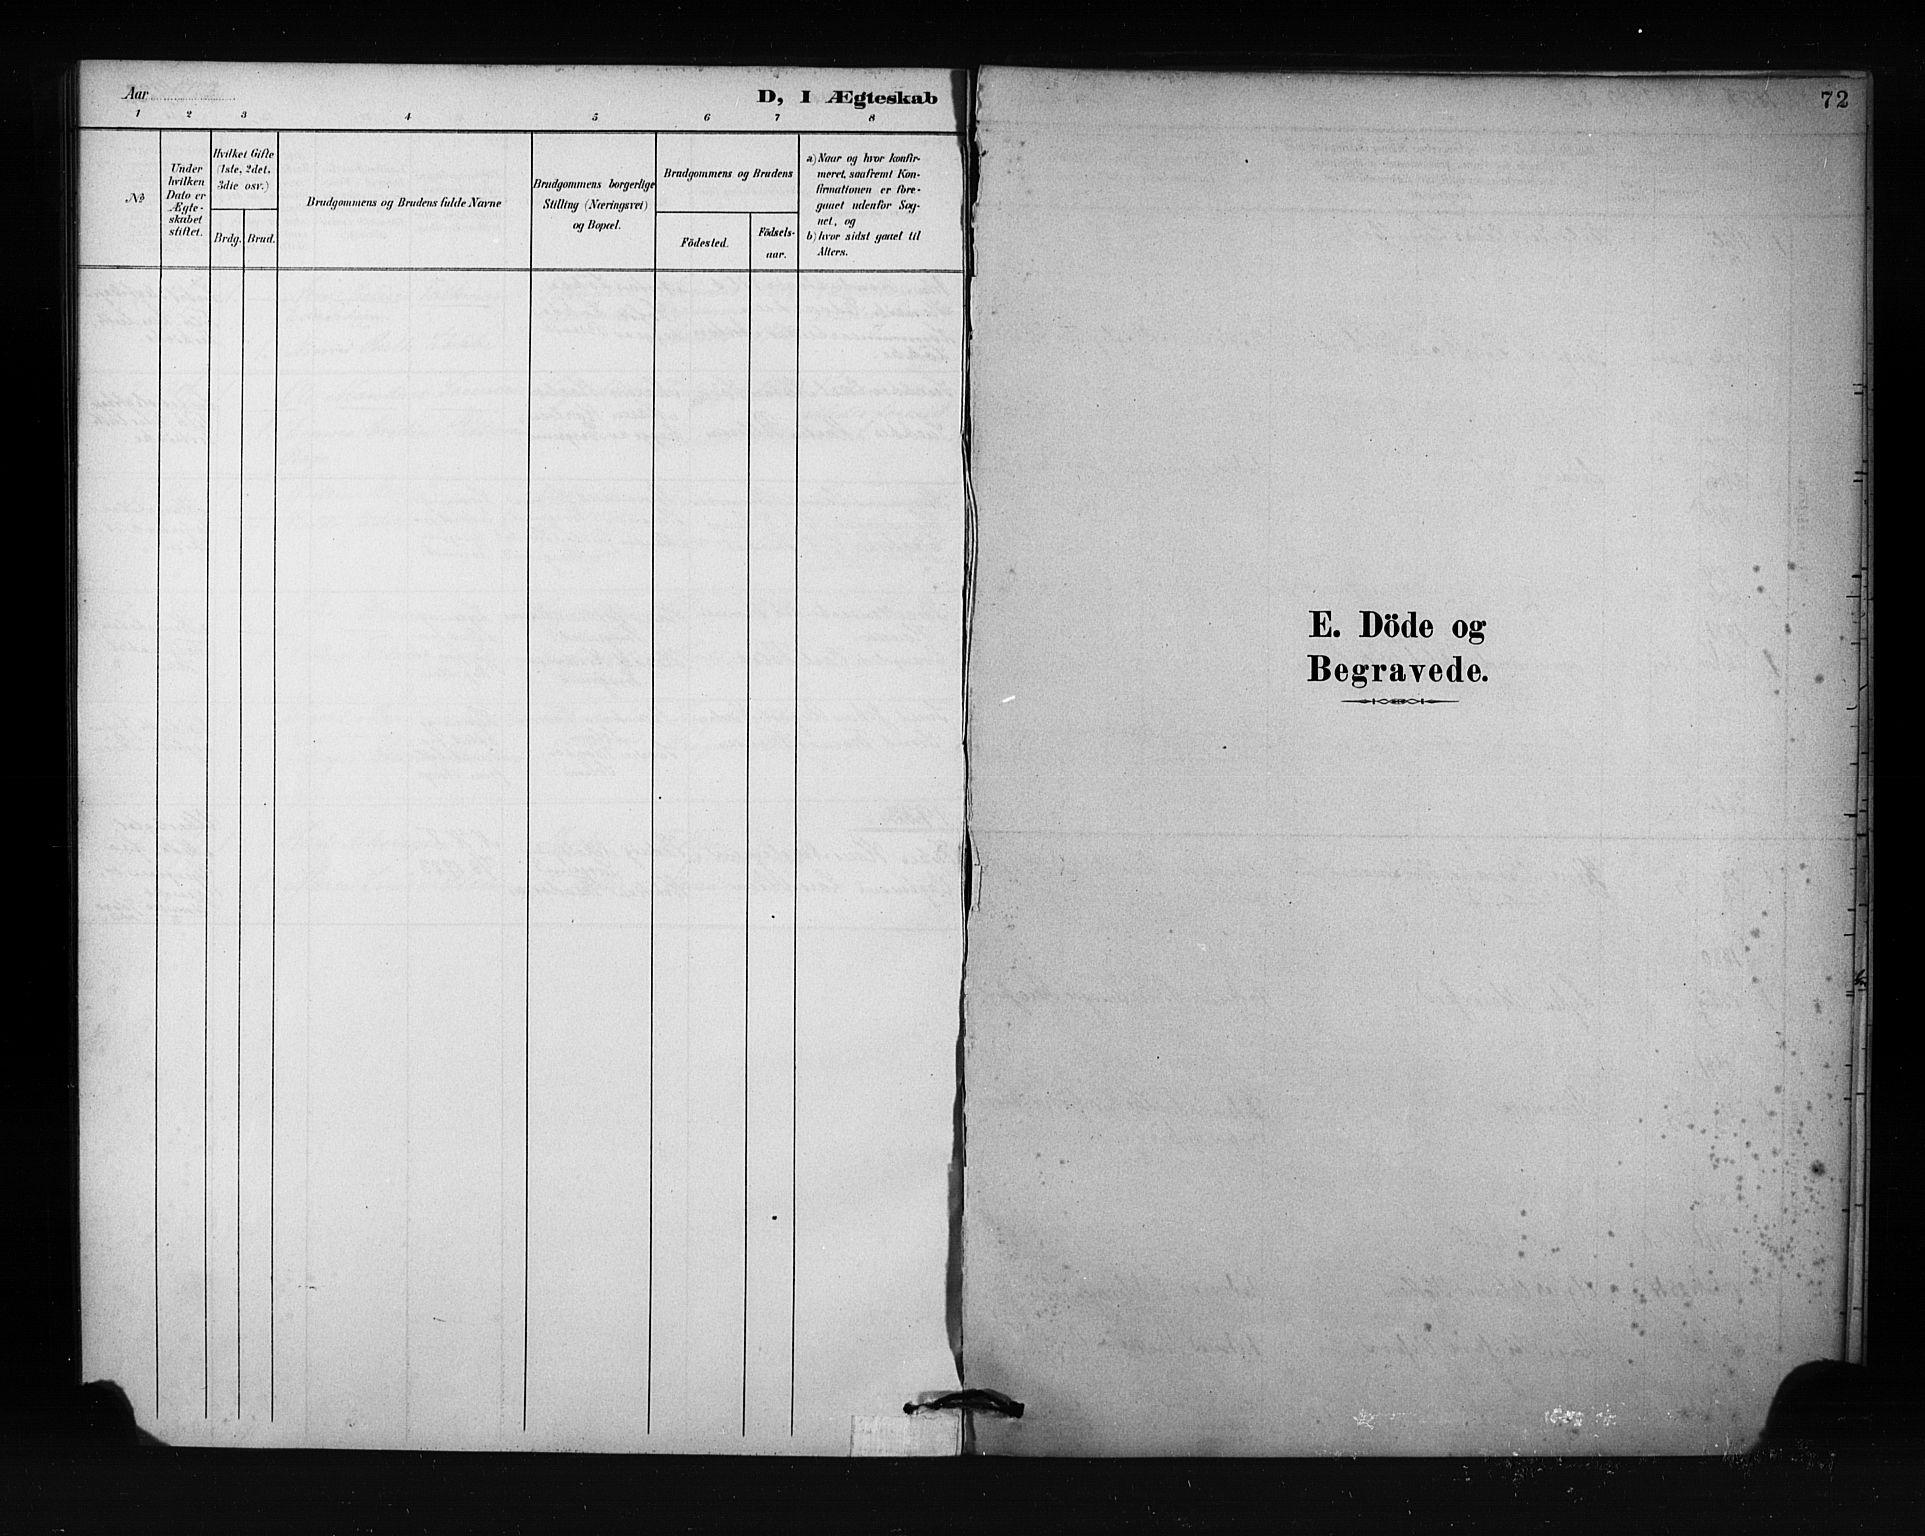 SAKO, Porsgrunn kirkebøker , F/Fa/L0009: Ministerialbok nr. 9, 1878-1923, s. 72